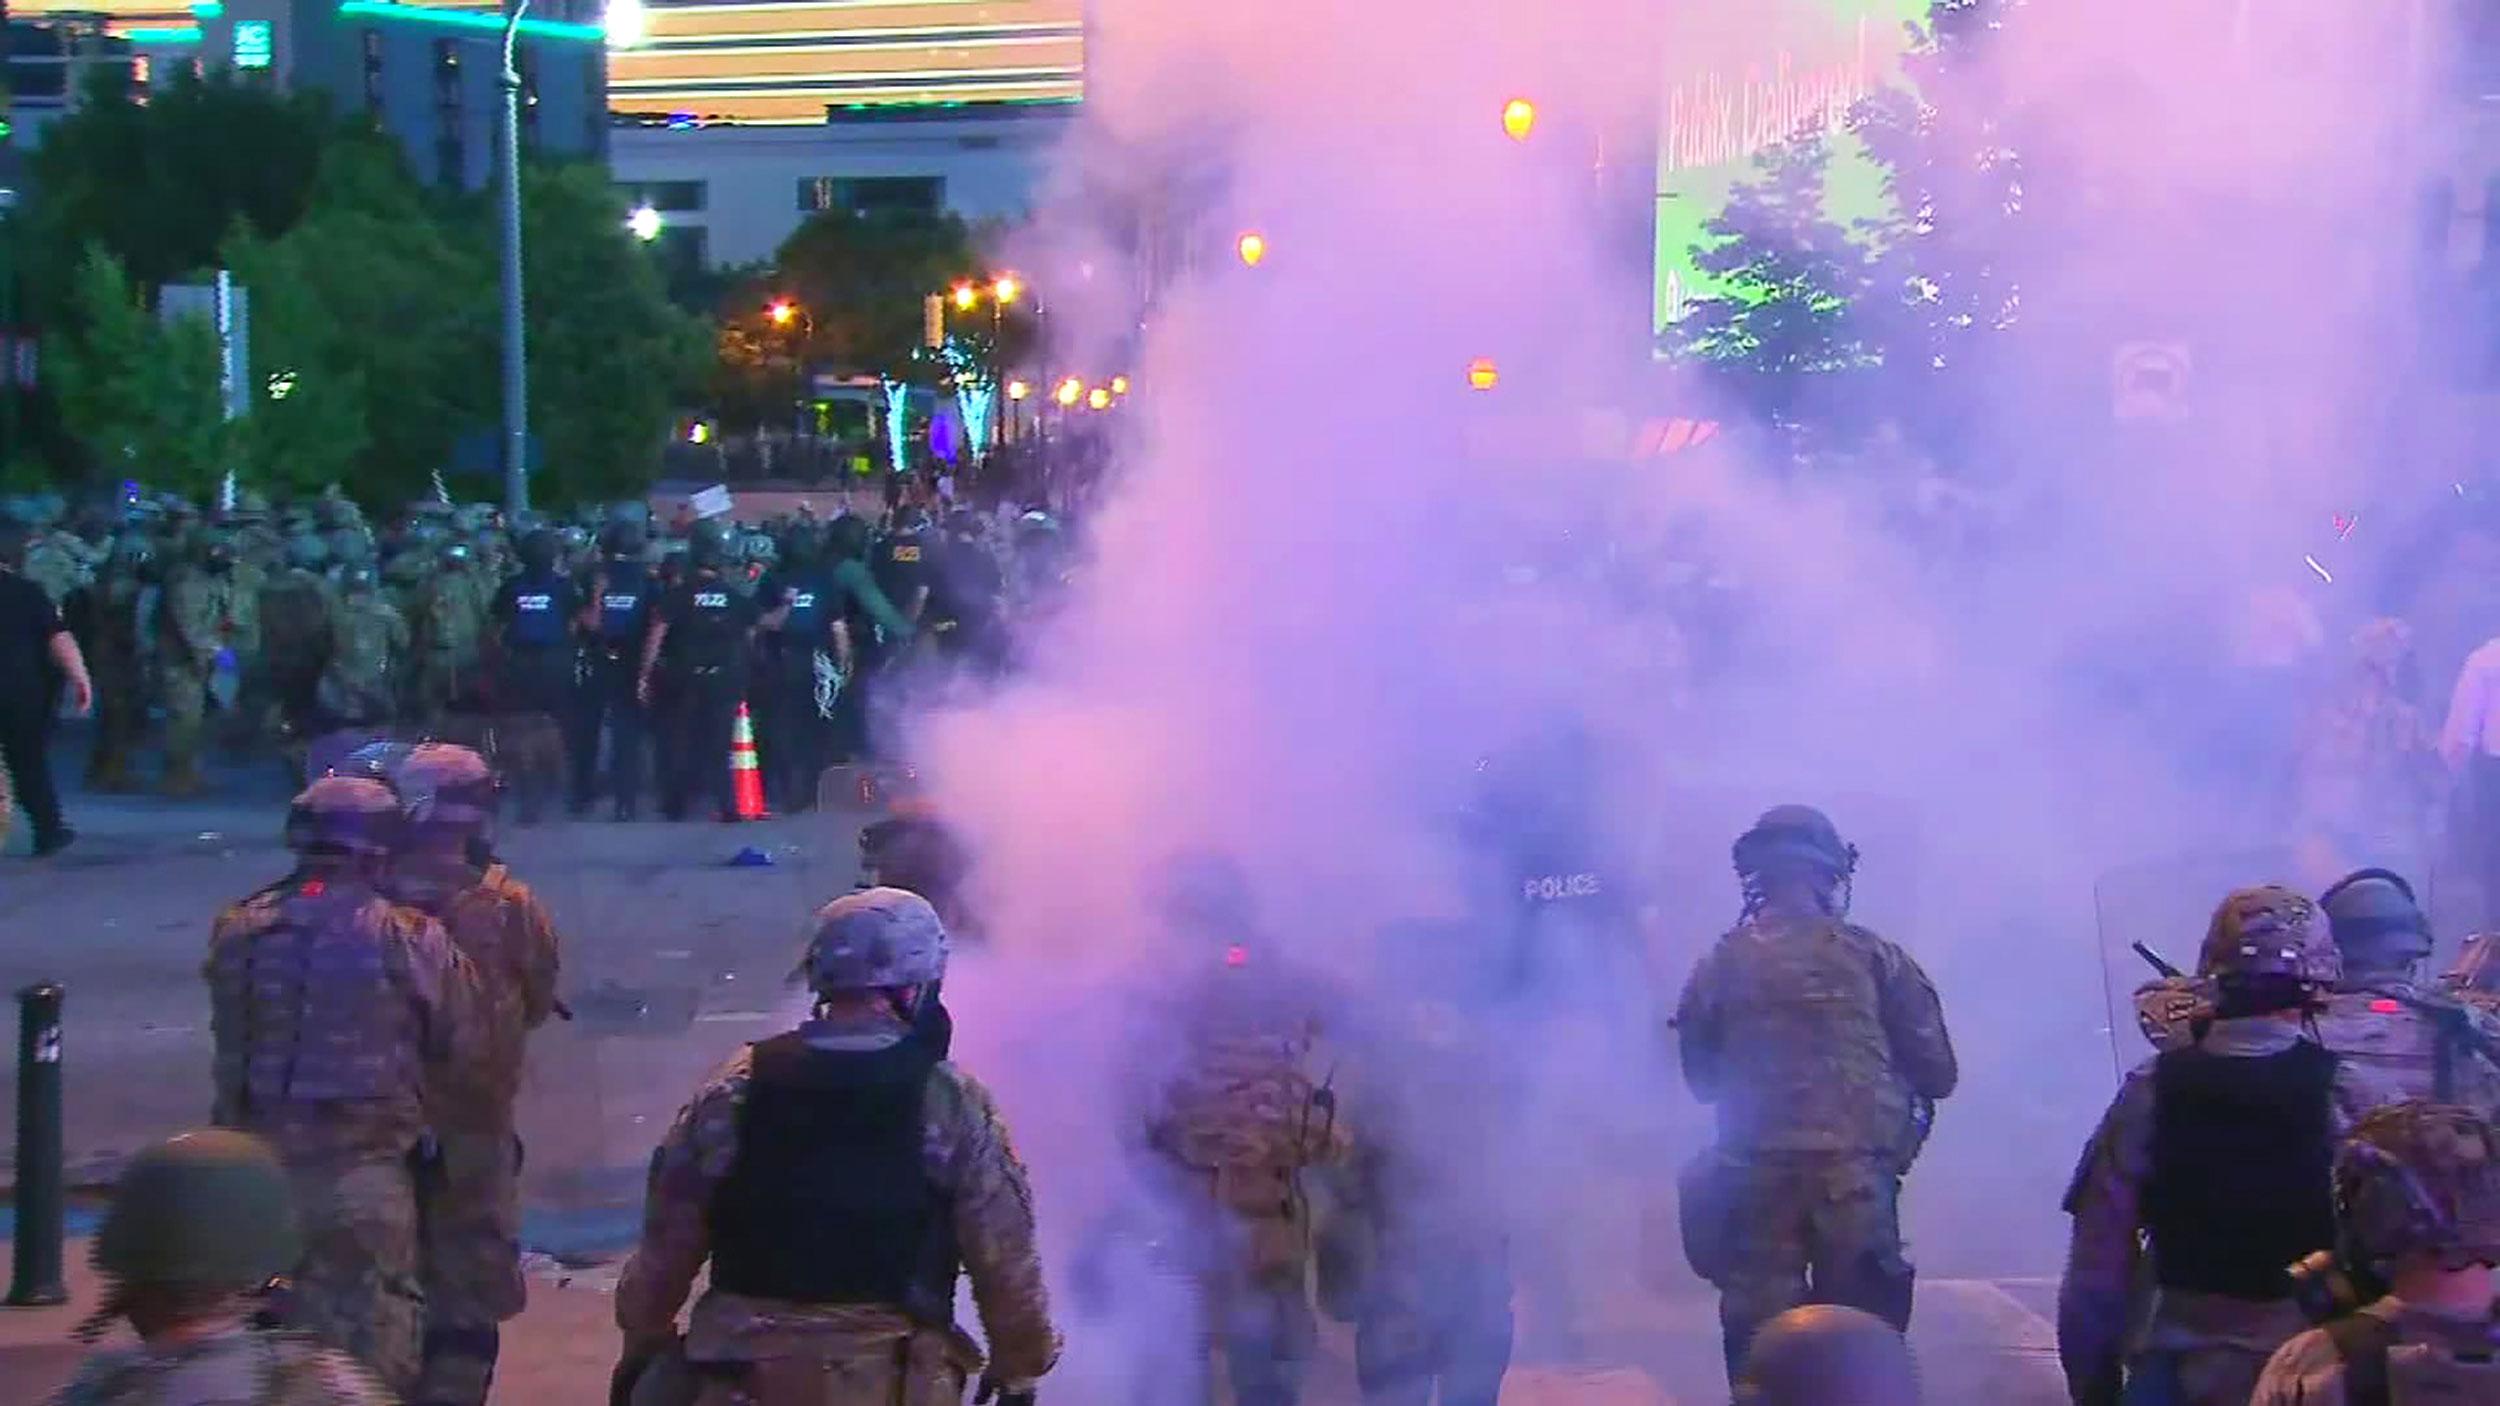 اجتجاجات امريكا الان -- متابعه   52278872-60c0-4796-a233-bb420788275e